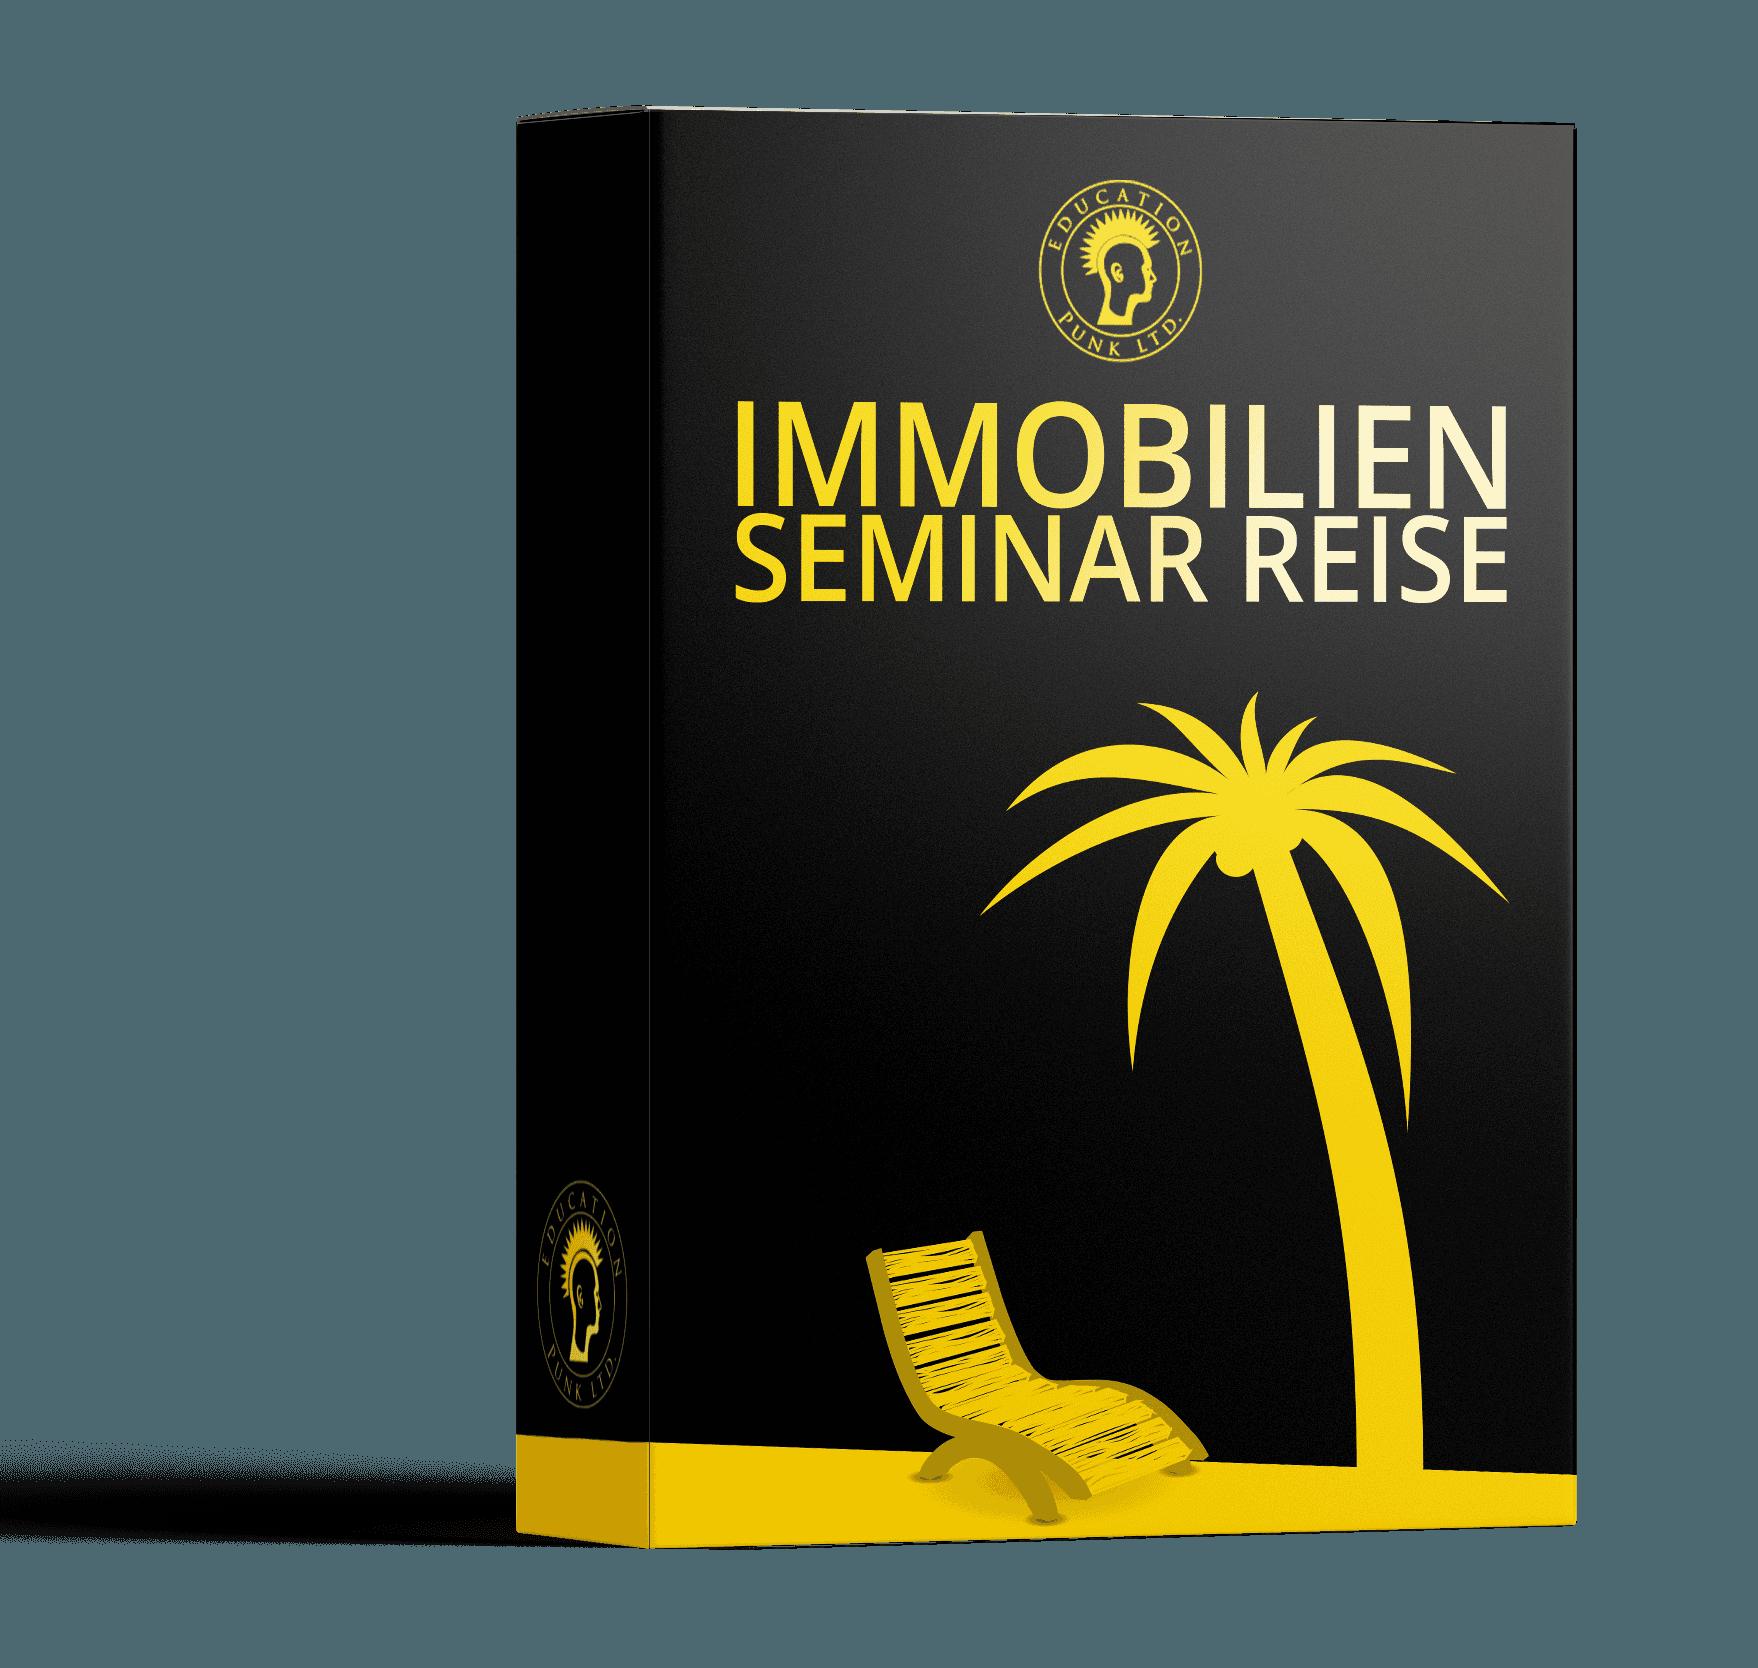 Immobilien Seminar Reise Zypern